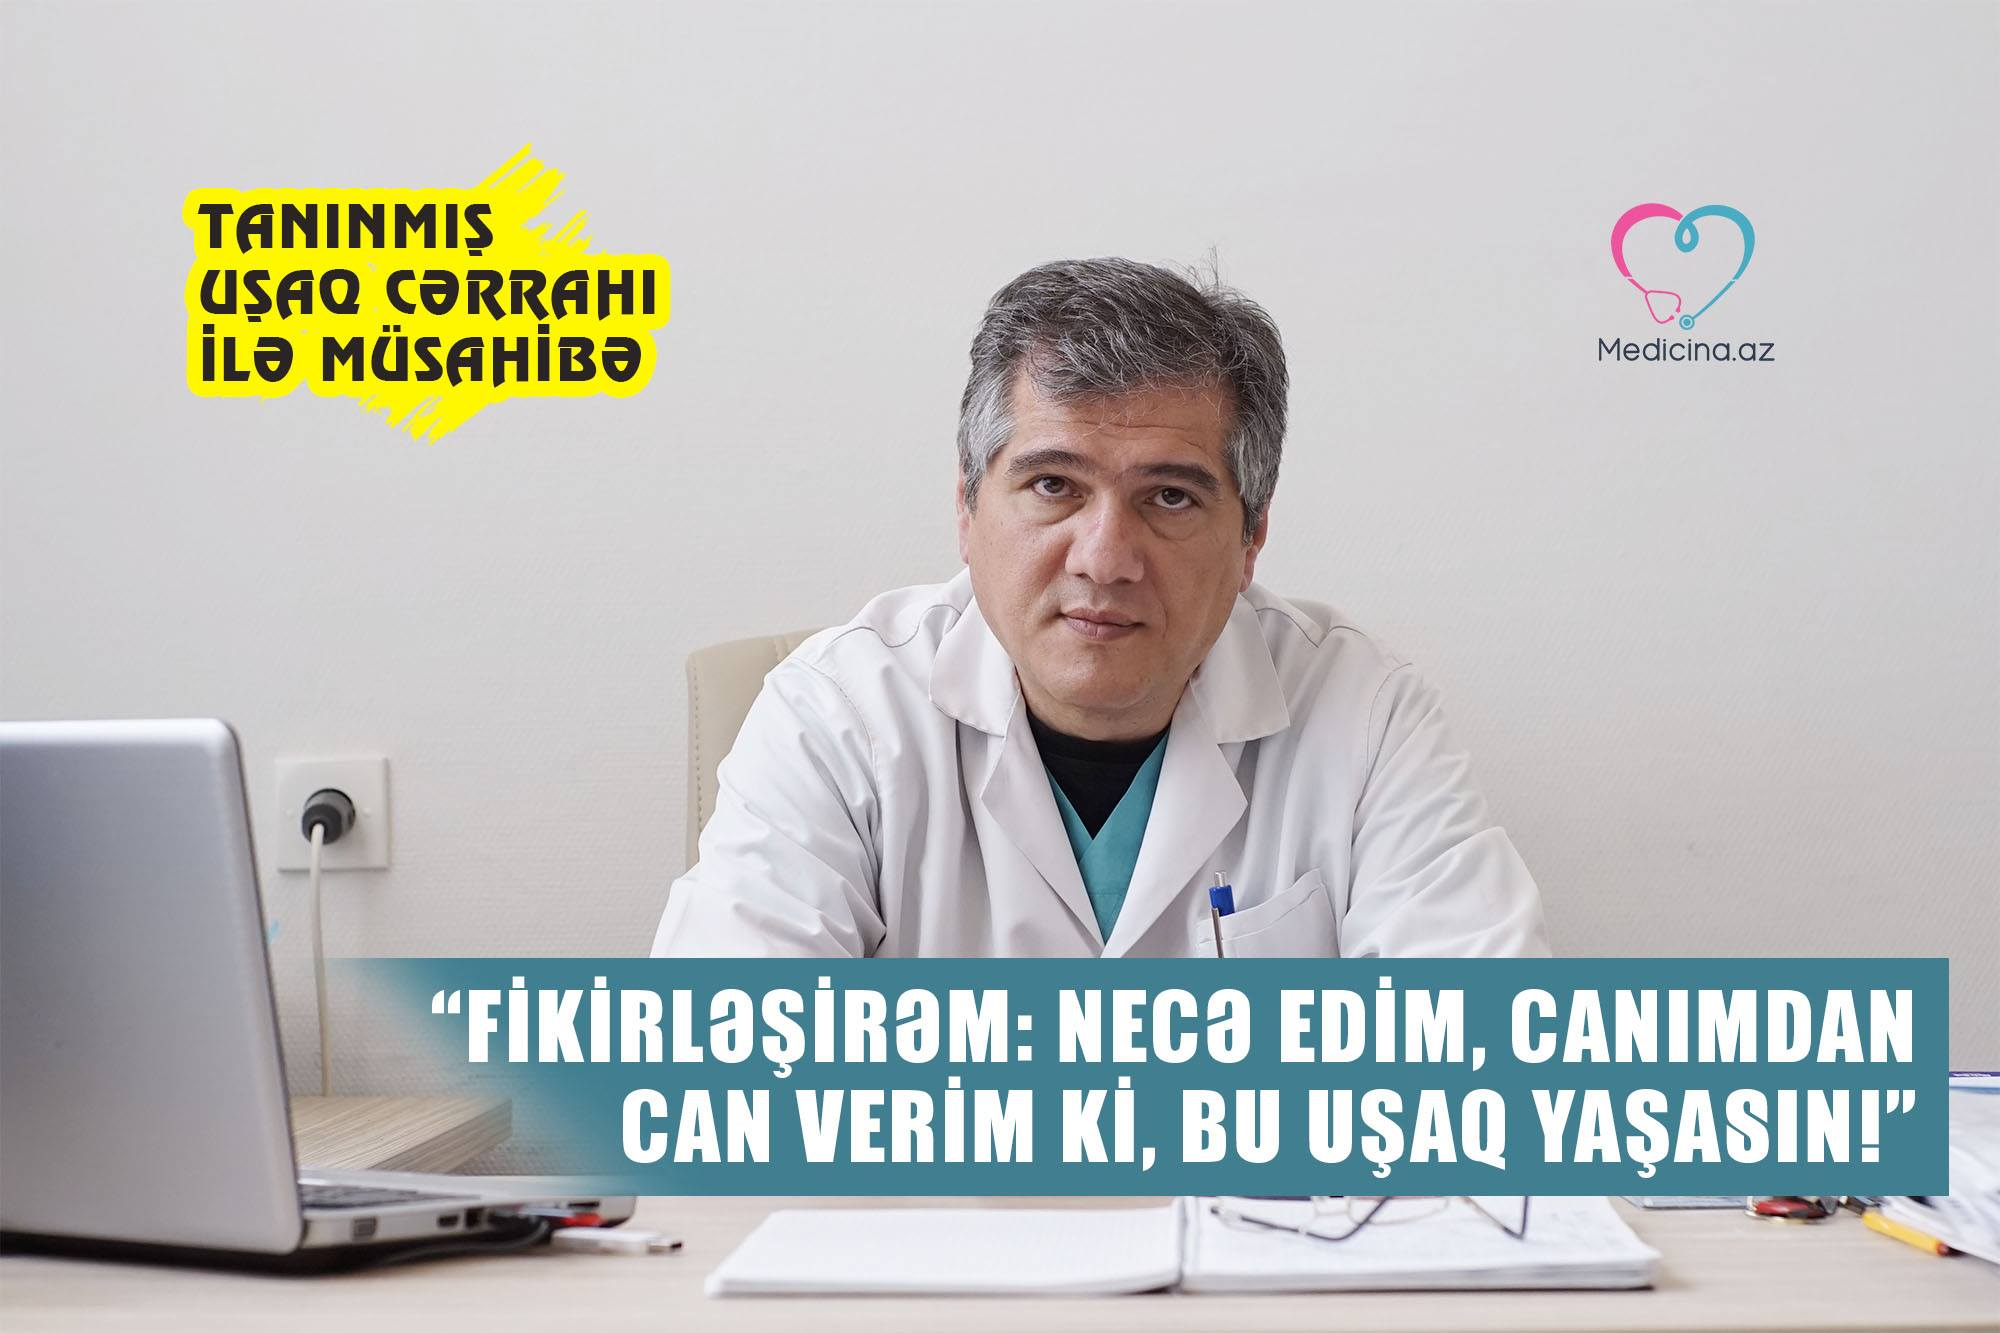 """""""Fikirləşirəm: necə edim, canımdan can verim ki, bu uşaq yaşasın!"""" –  Tanınmış uşaq cərrahı ilə MÜSAHİBƏ"""